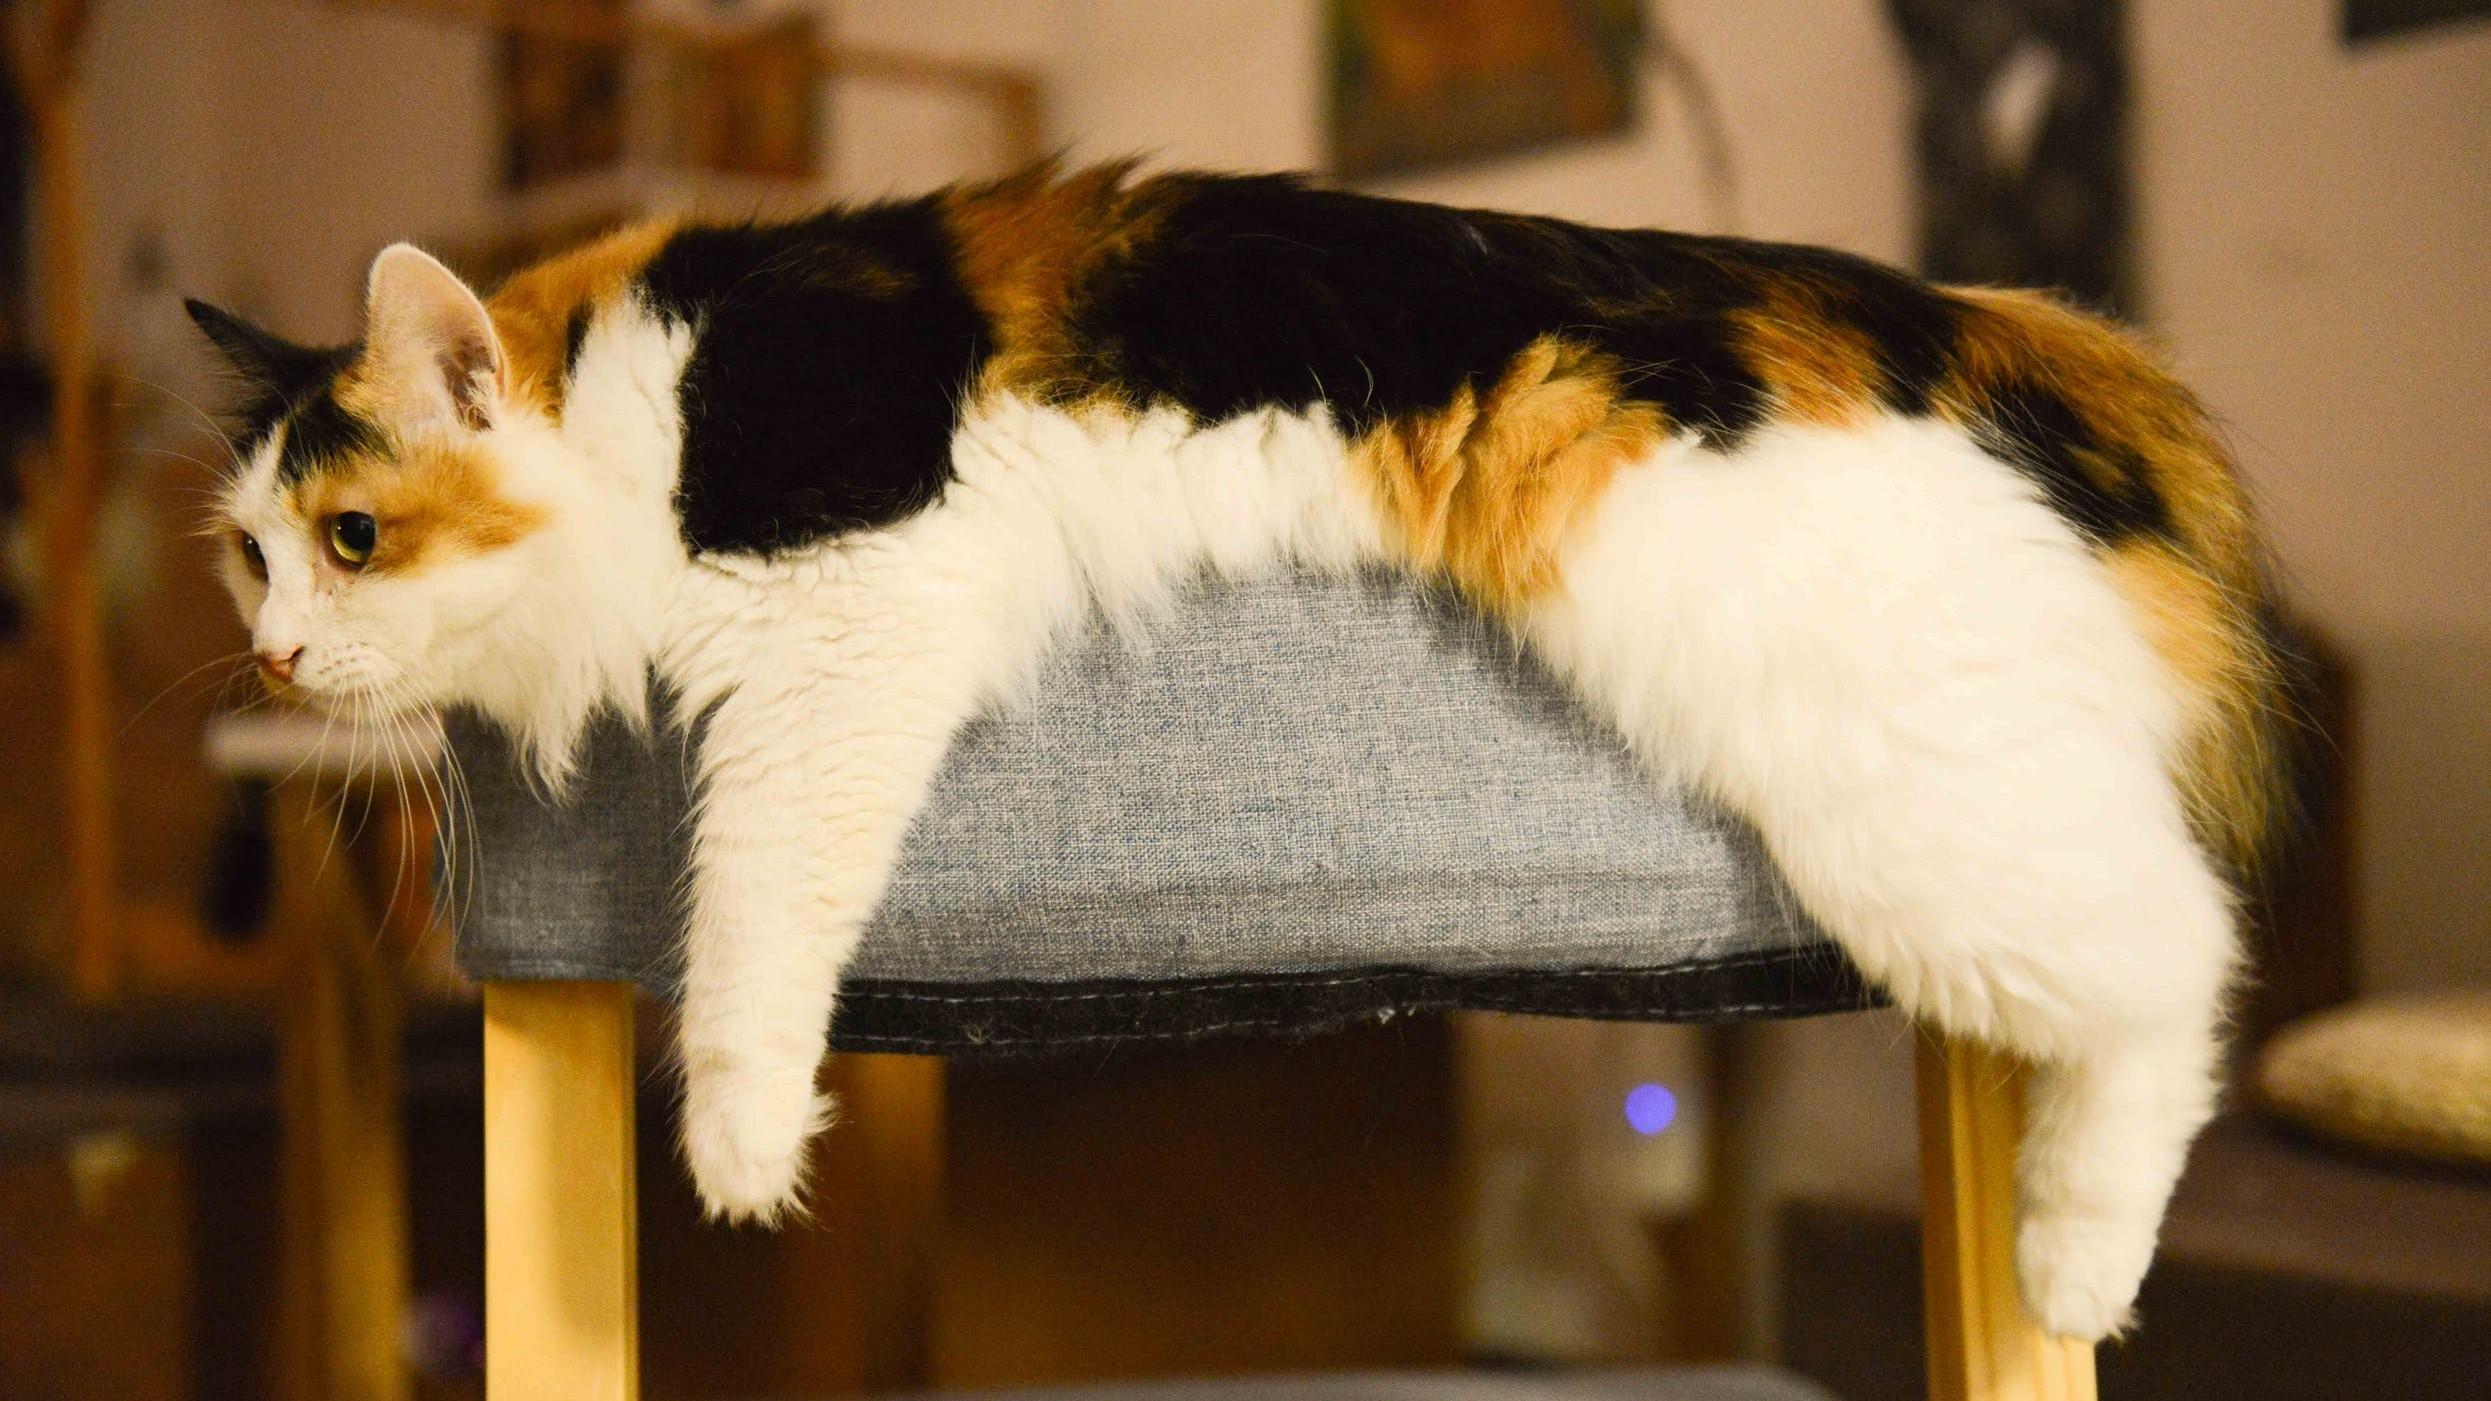 ▲貓,貓咪。(圖/取自免費圖庫Pexels)